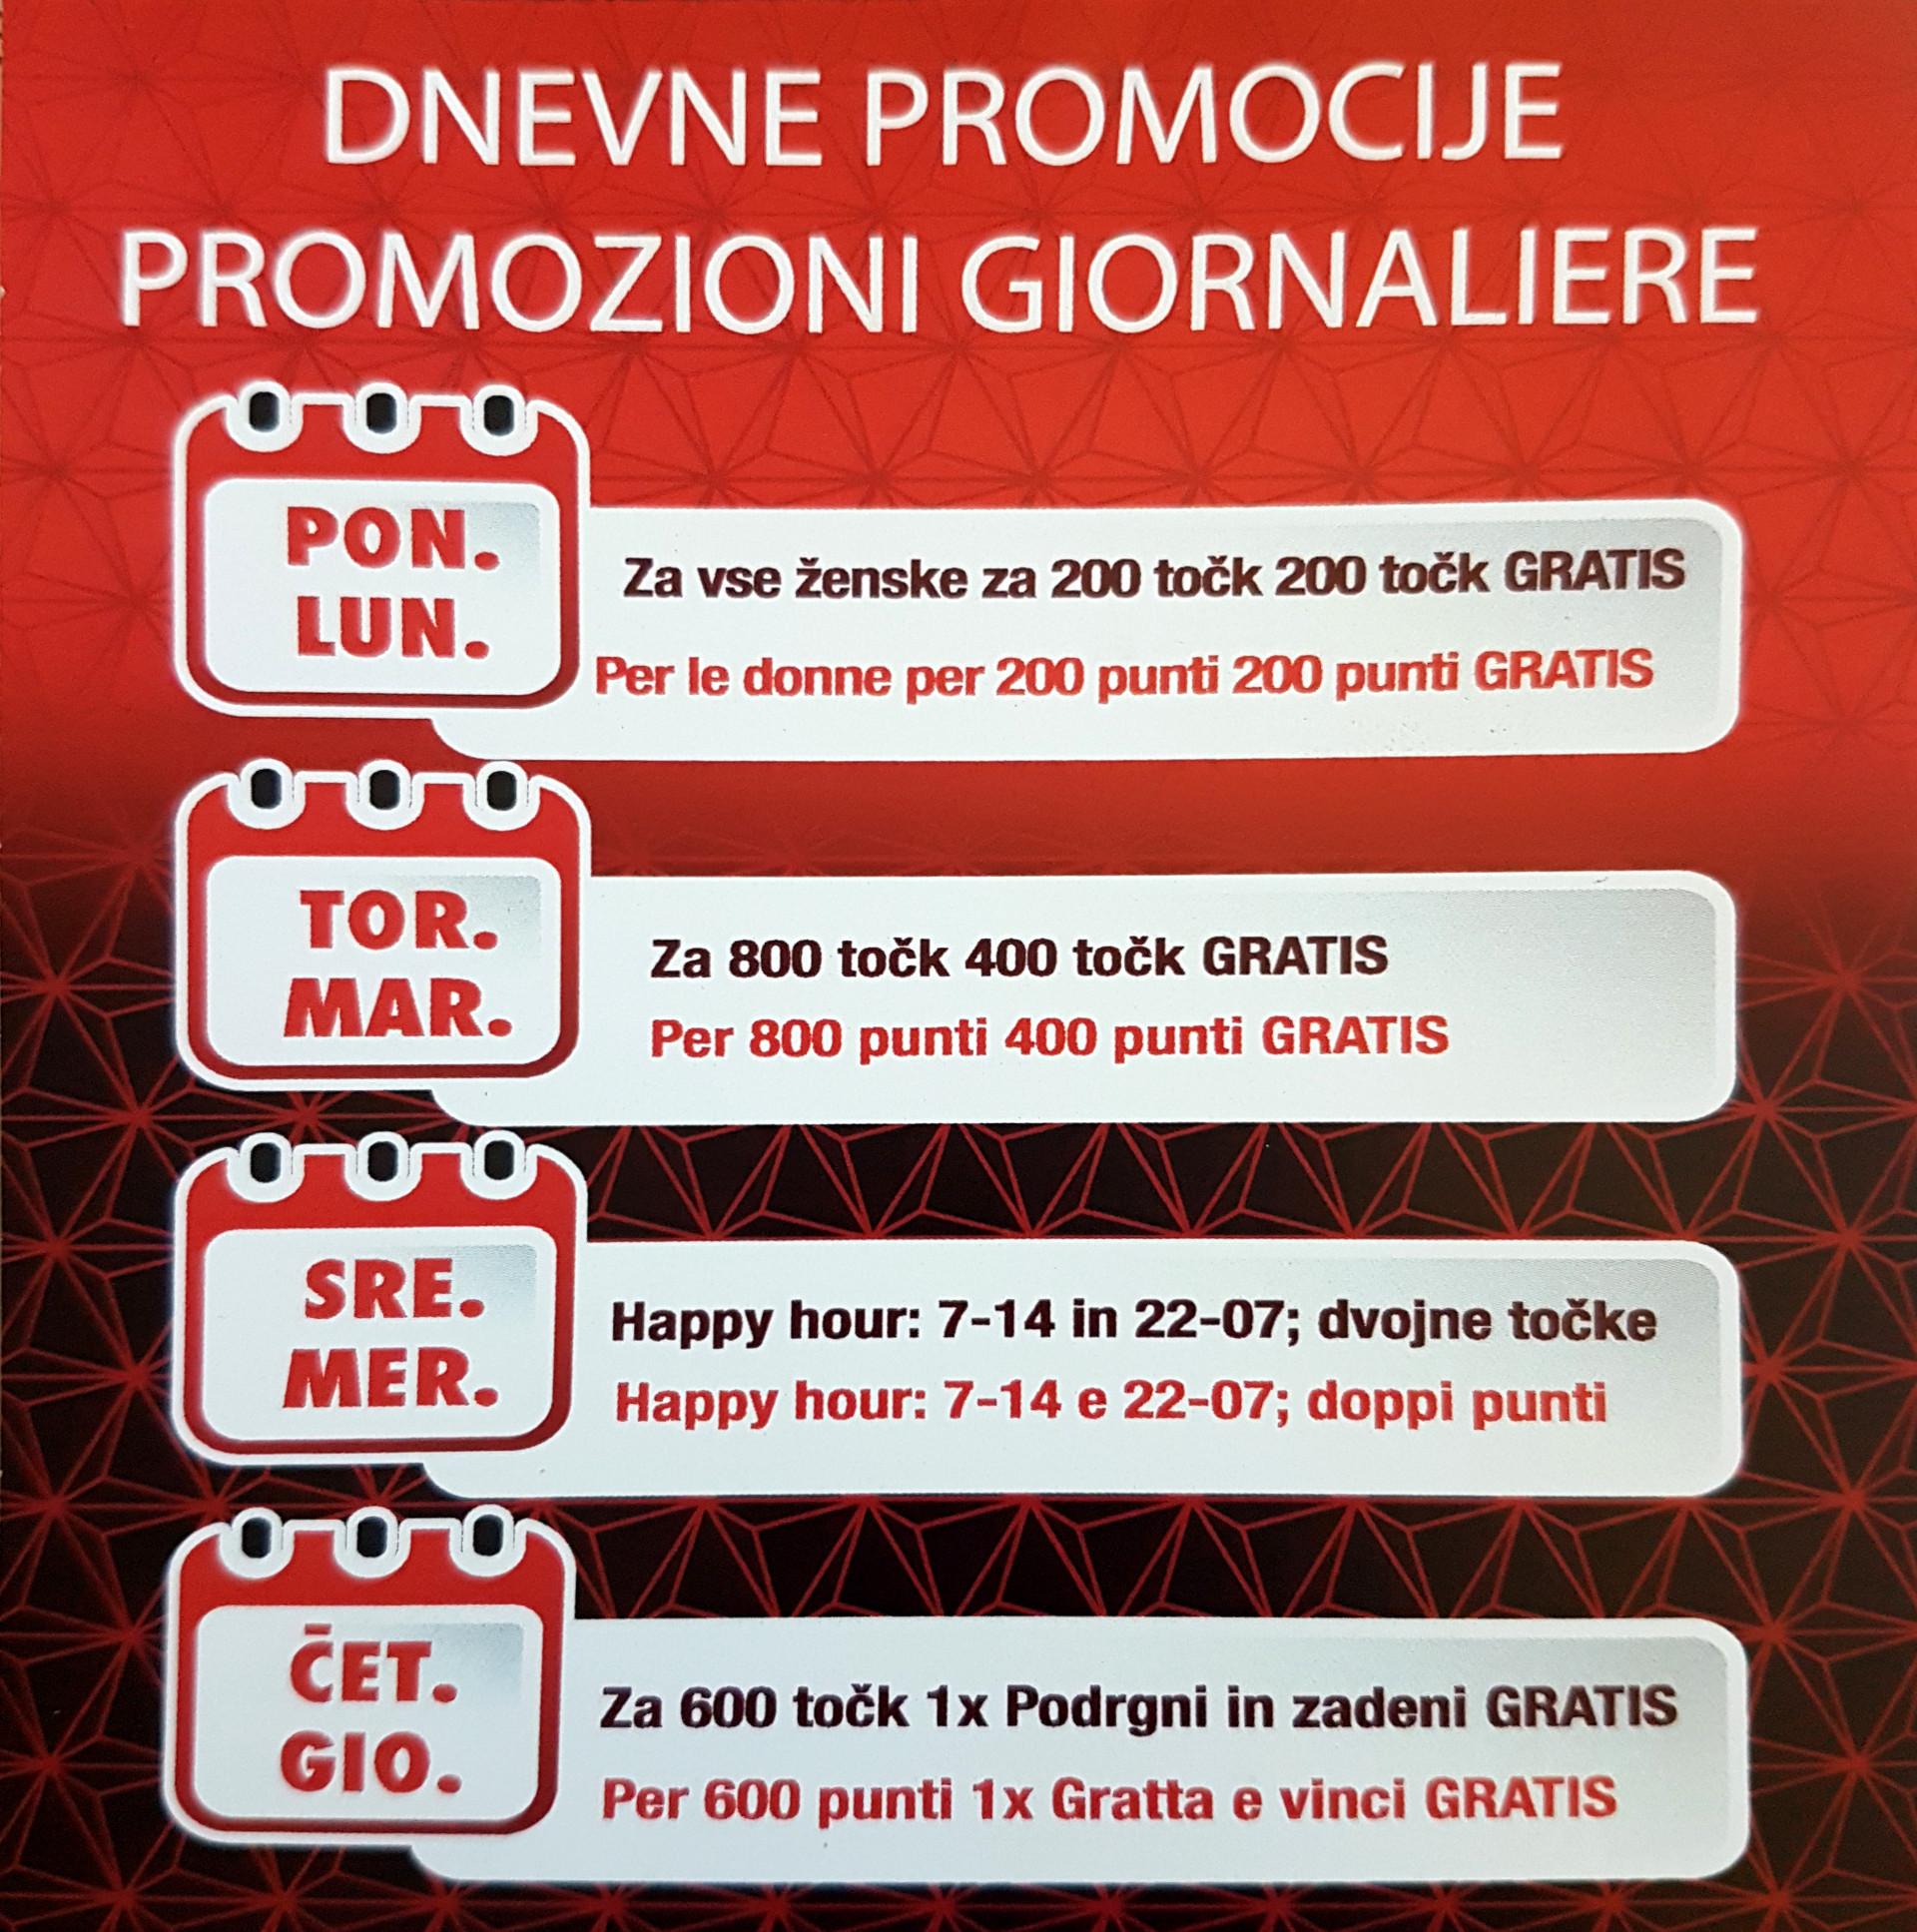 dnevne_promocije